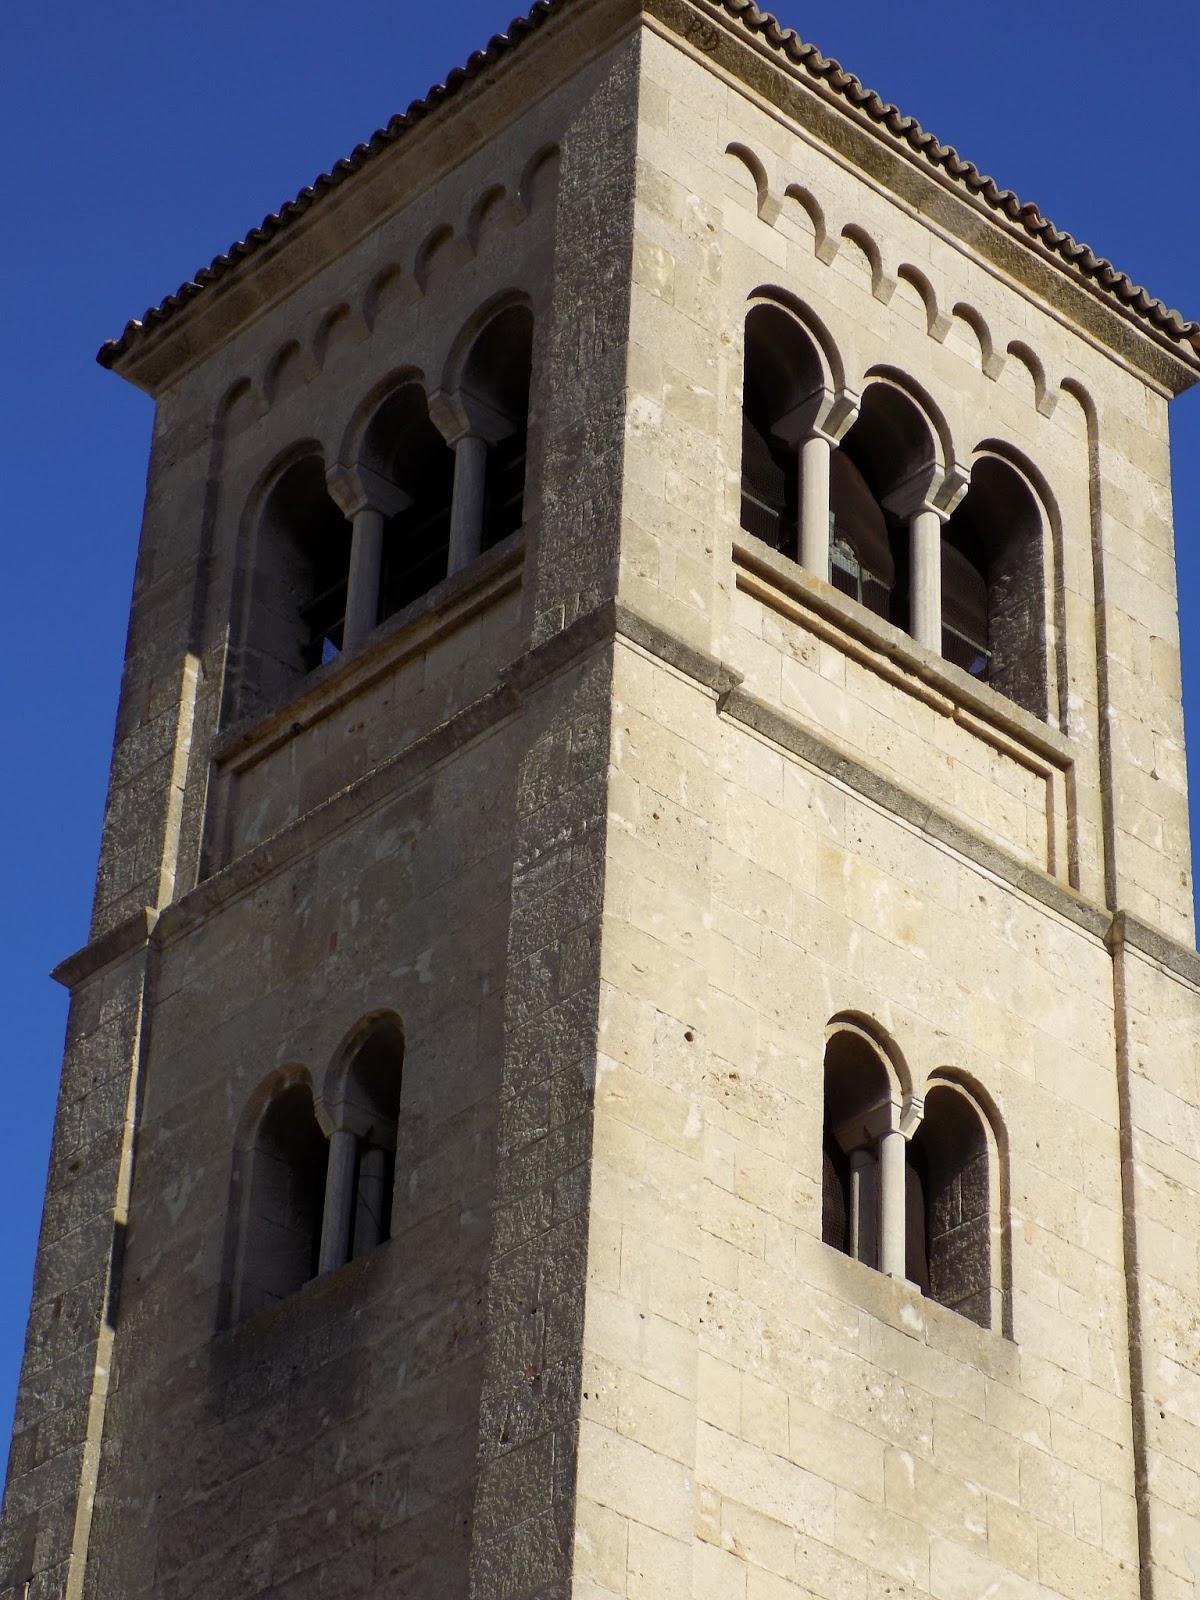 Cimitero Monumentale Predappio Fc good food, fine wine !: 368-predappio, il paese di mussolini